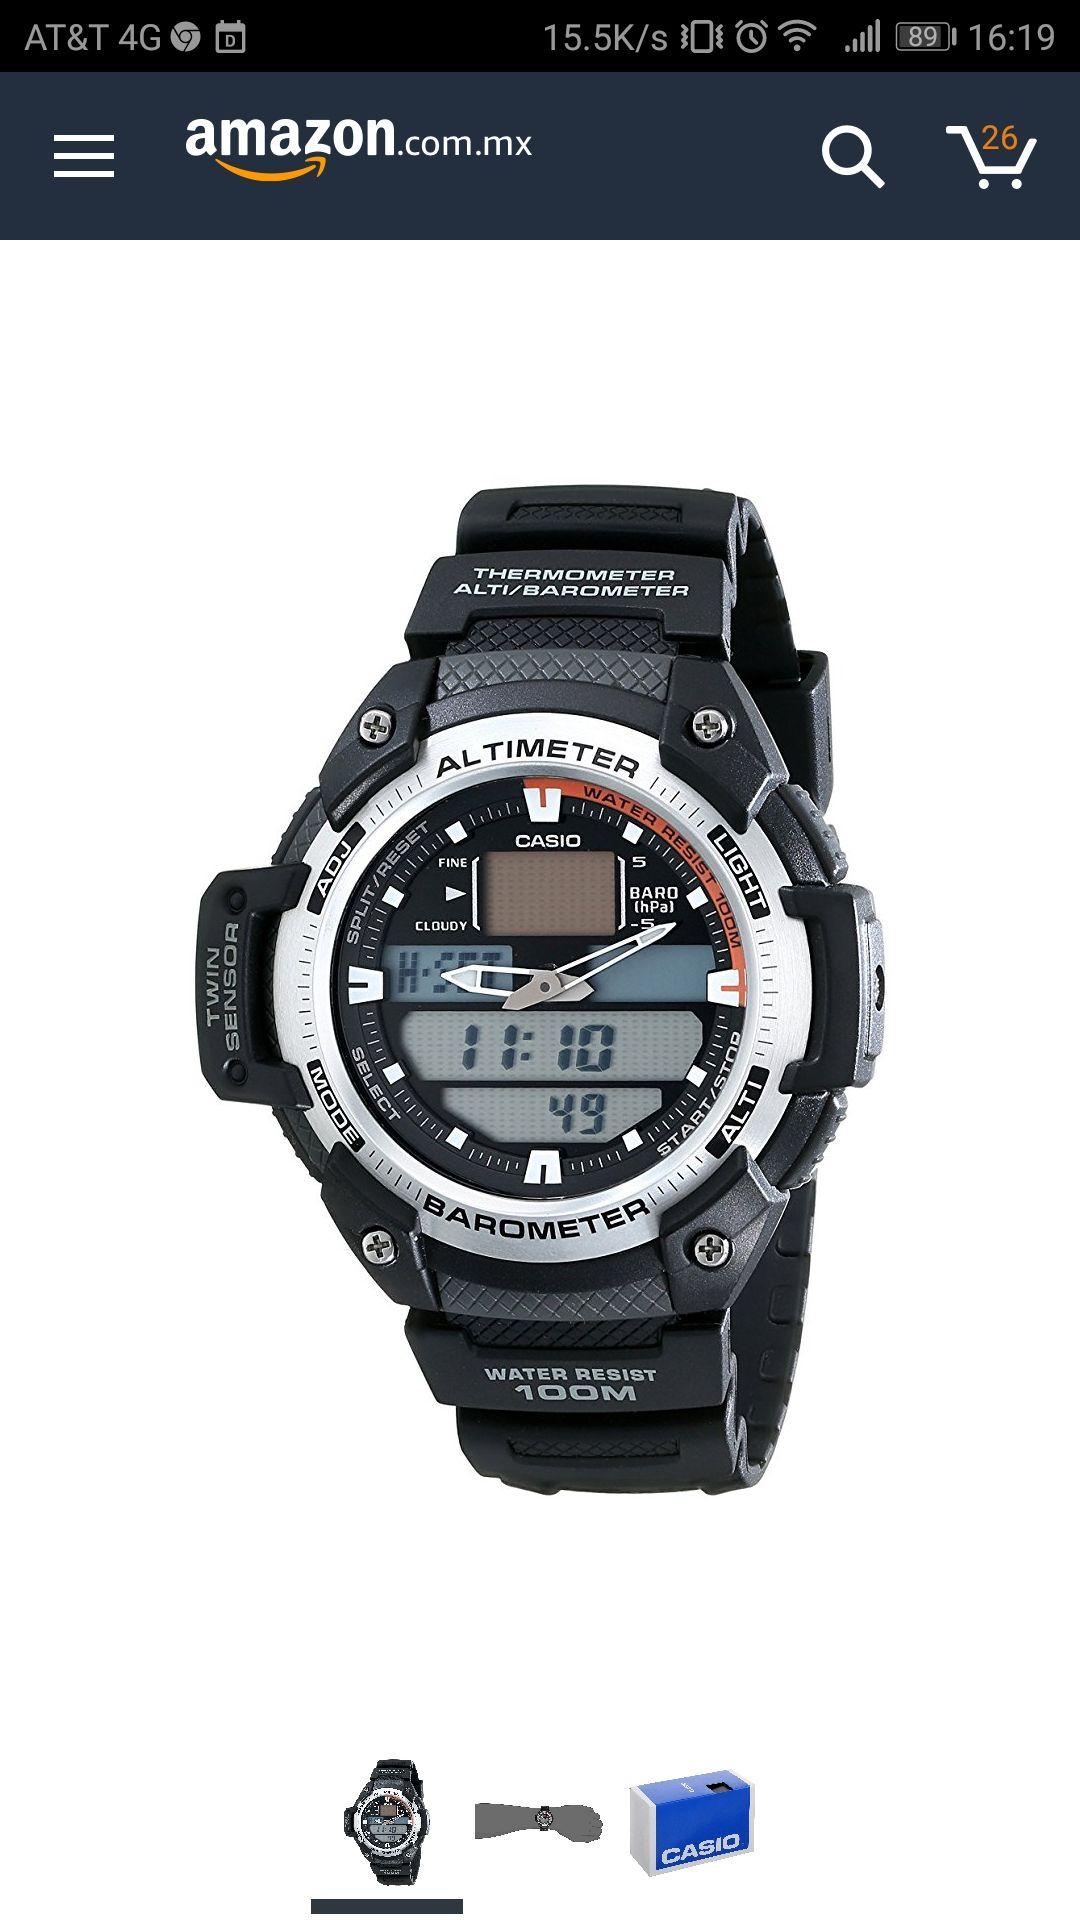 Reloj Casio con Barómetro y Altímetro a la mitad se su precio regular (Keepa).